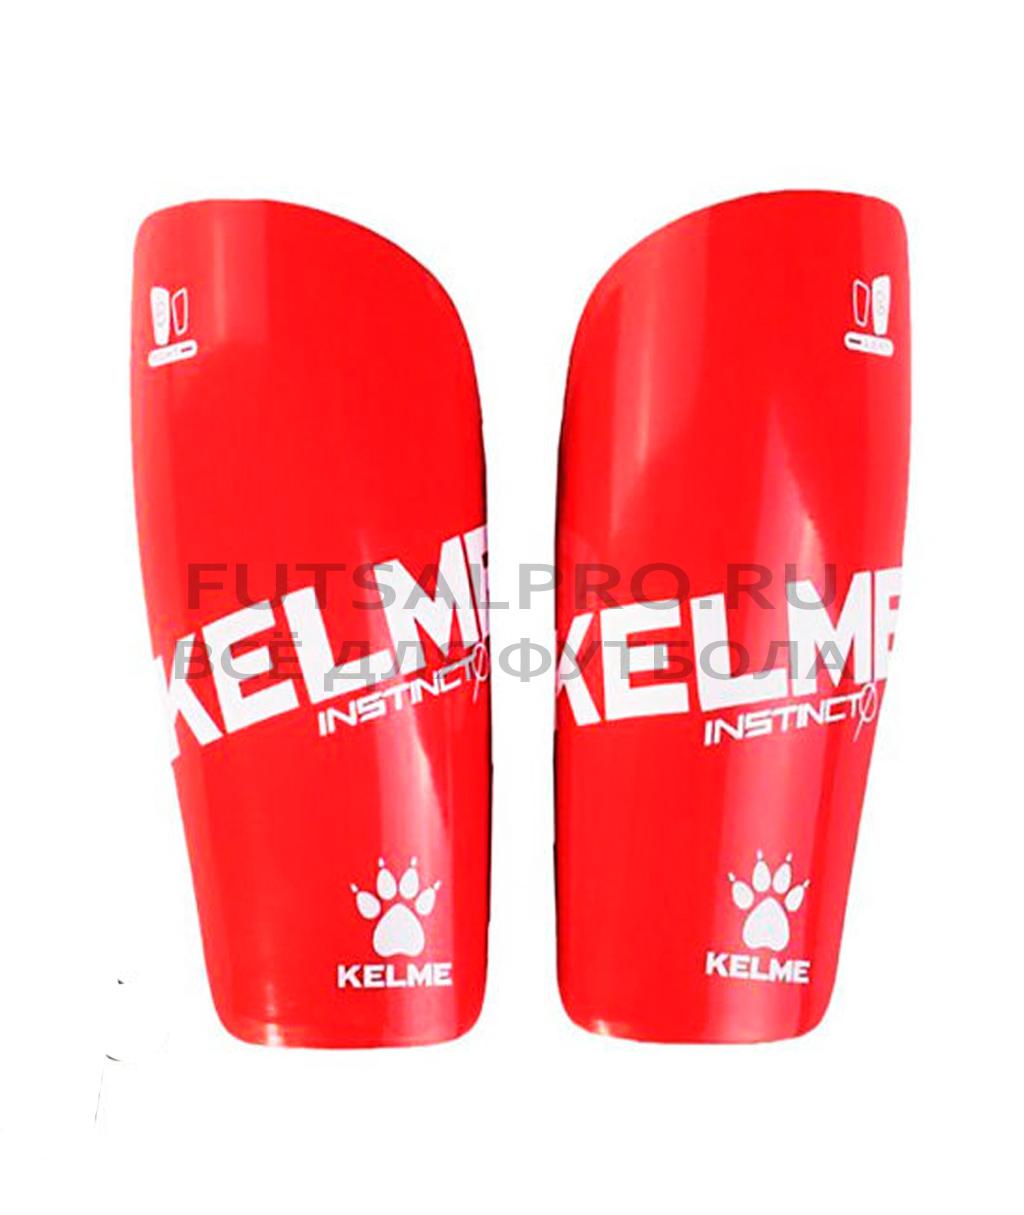 Футбольные щитки-вкладыши Kelme Instinct K15S948-610